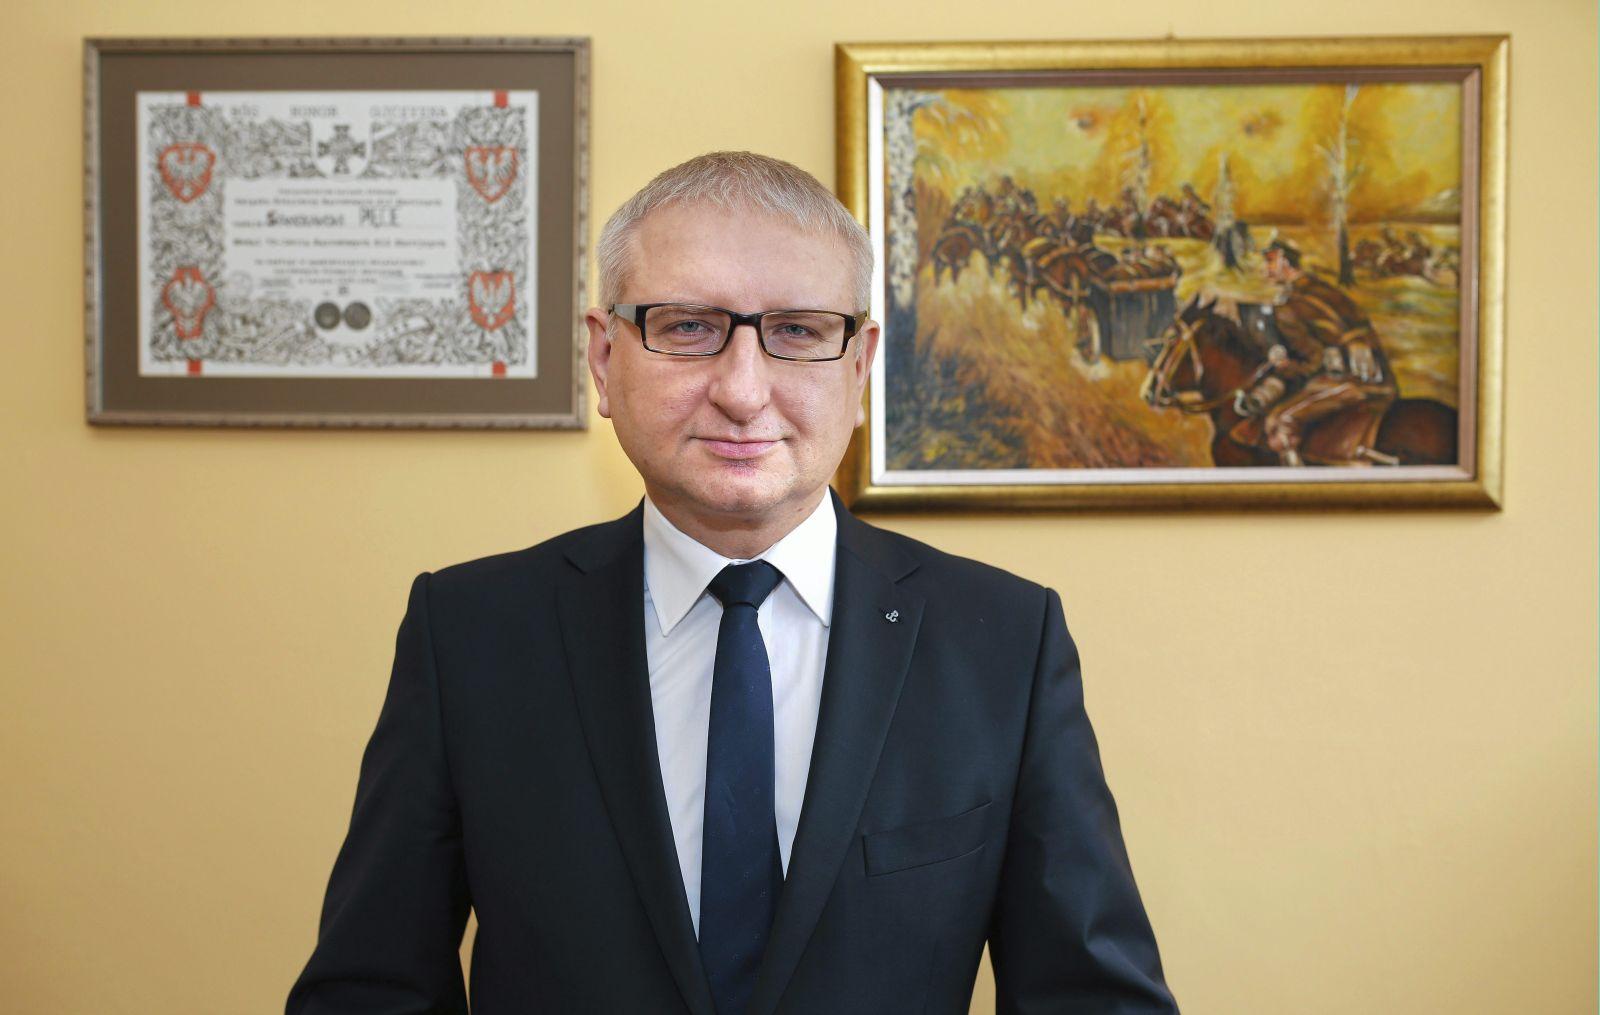 18.02.2016 Bielsko Biala  . Stanislaw Pieta posel na Sejm Rzeczypospolitej Polskiej .Fot . Dawid Chalimoniuk  / Agencja Gazeta *** Local Caption ***